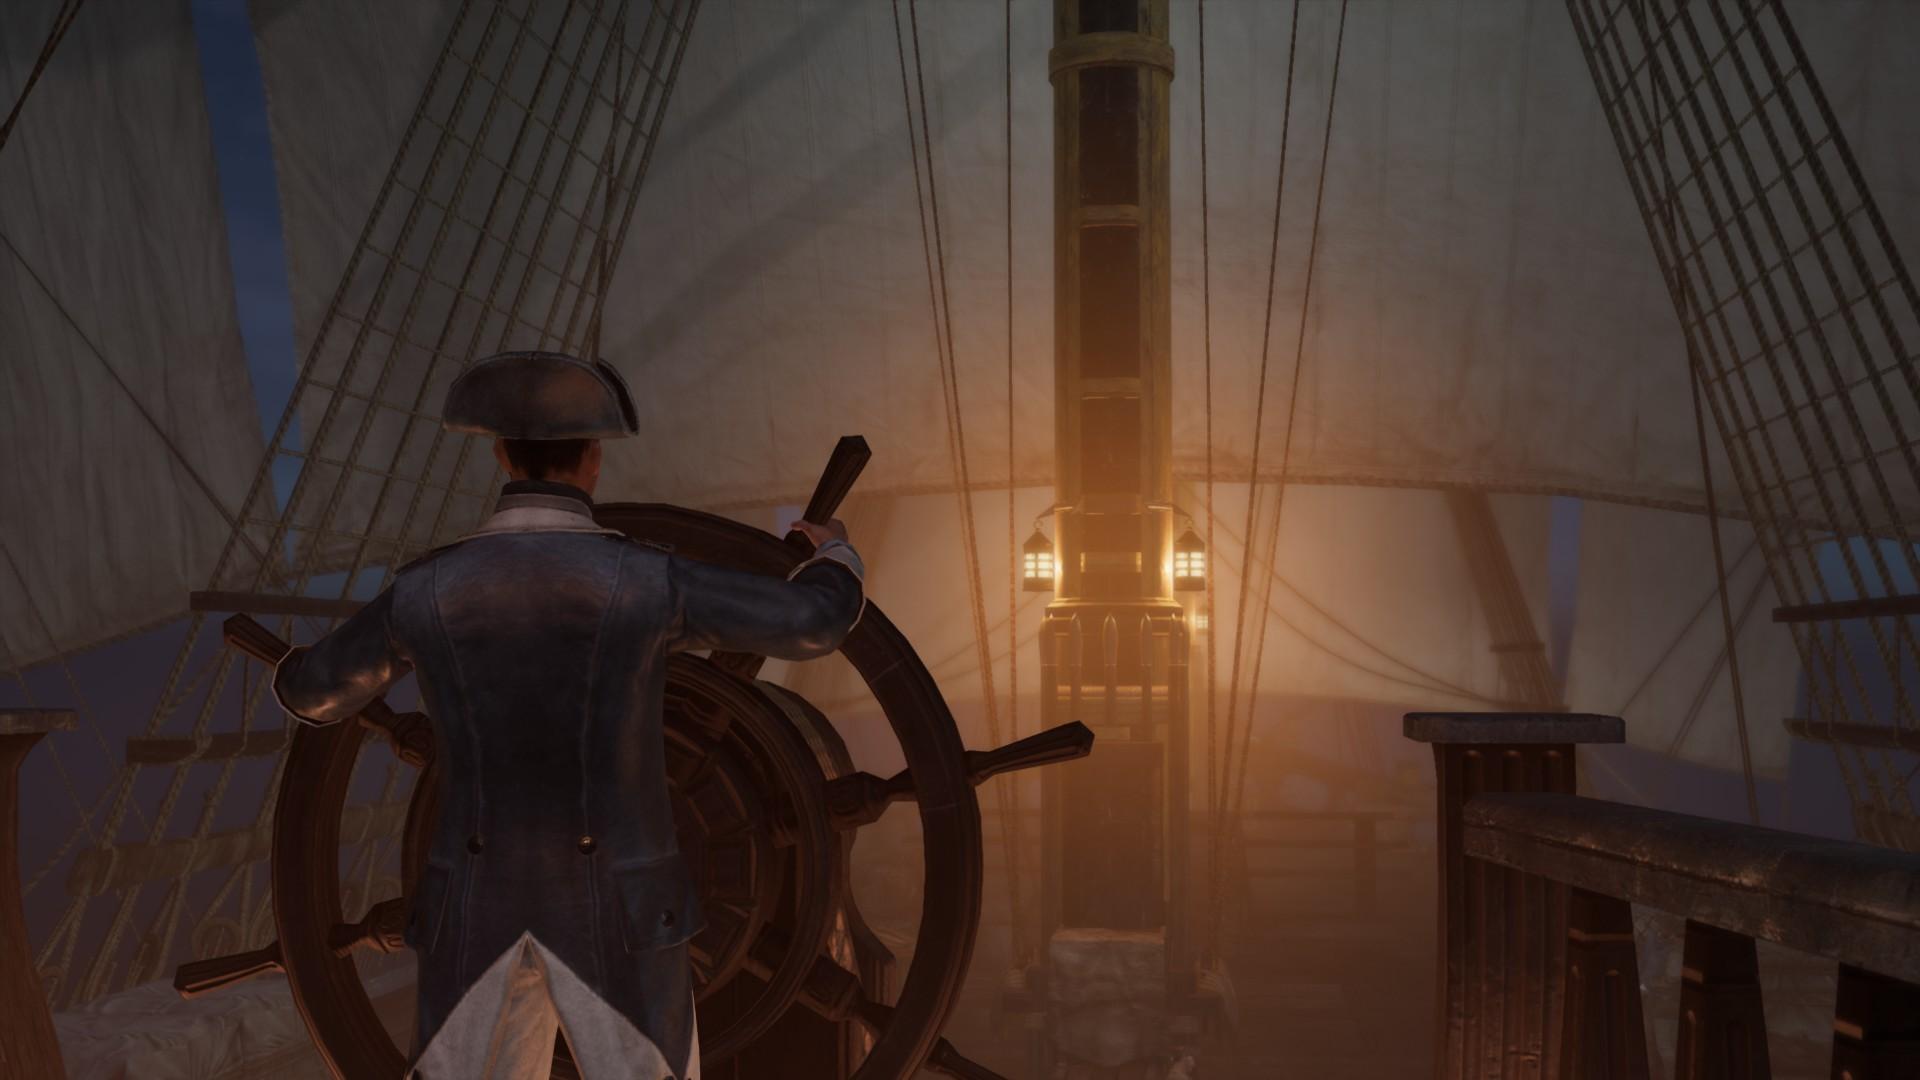 20190328041953_1.jpg - Assassin's Creed 3